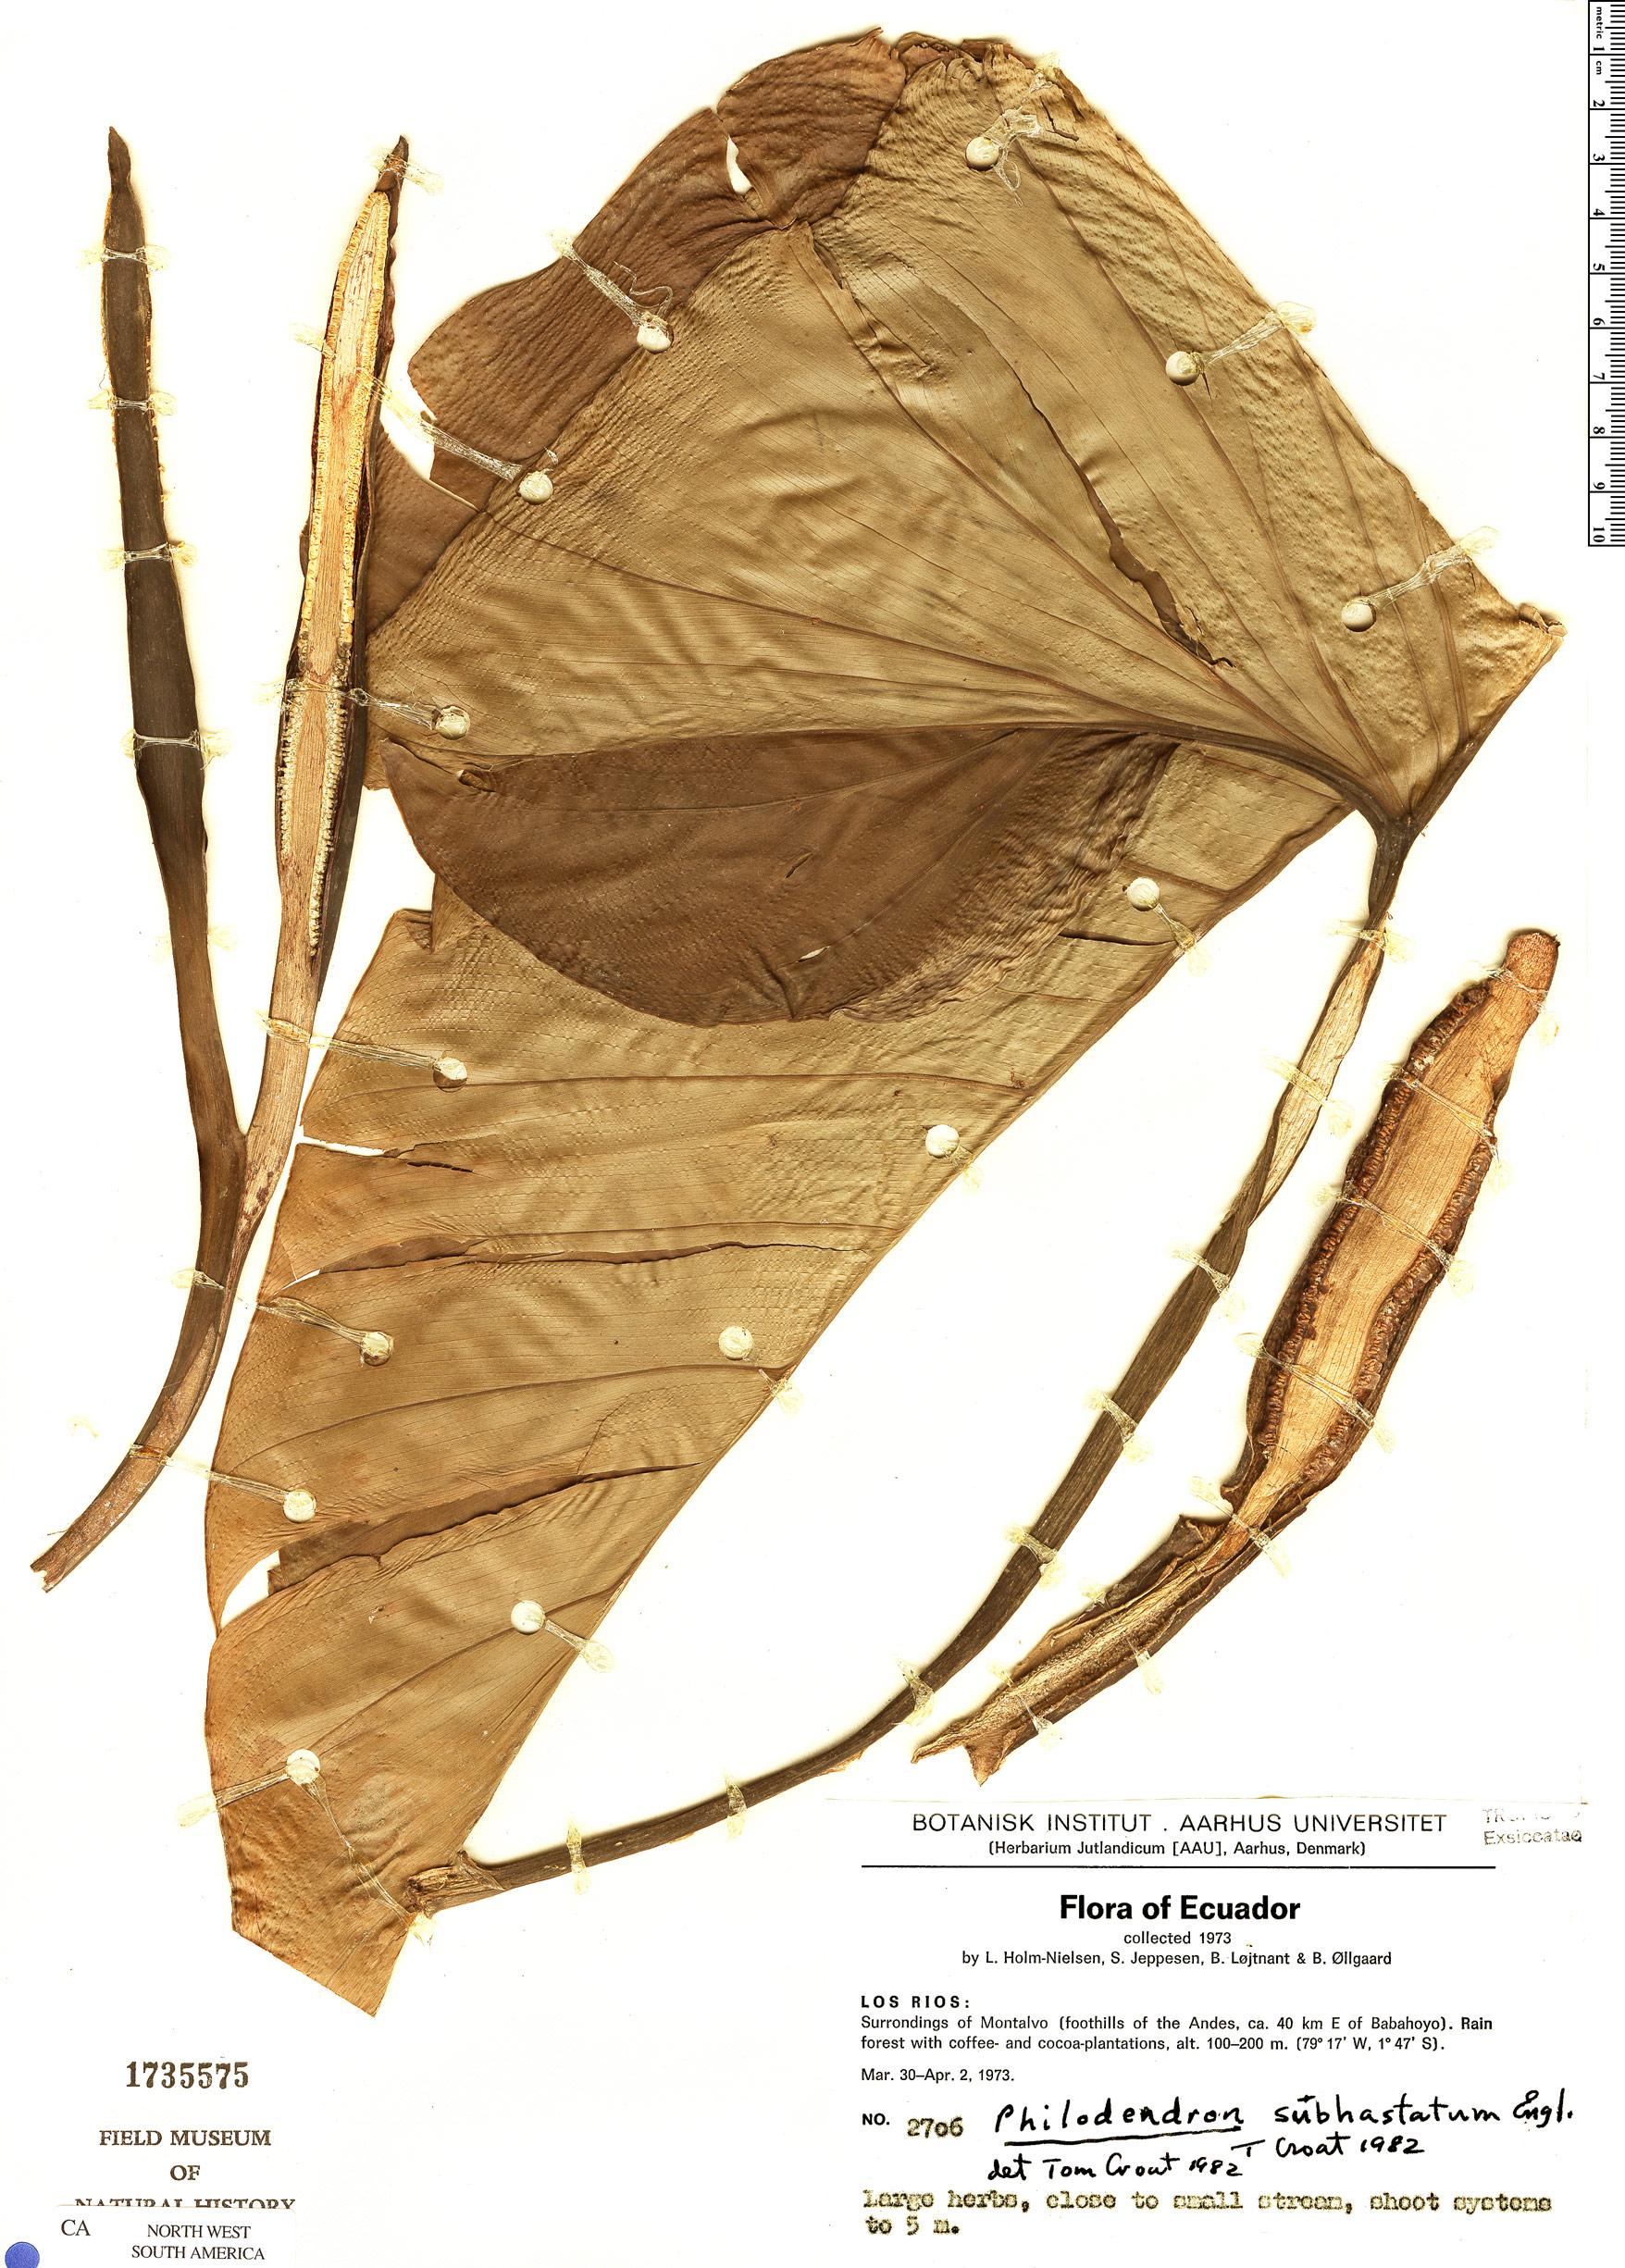 Specimen: Philodendron subhastatum